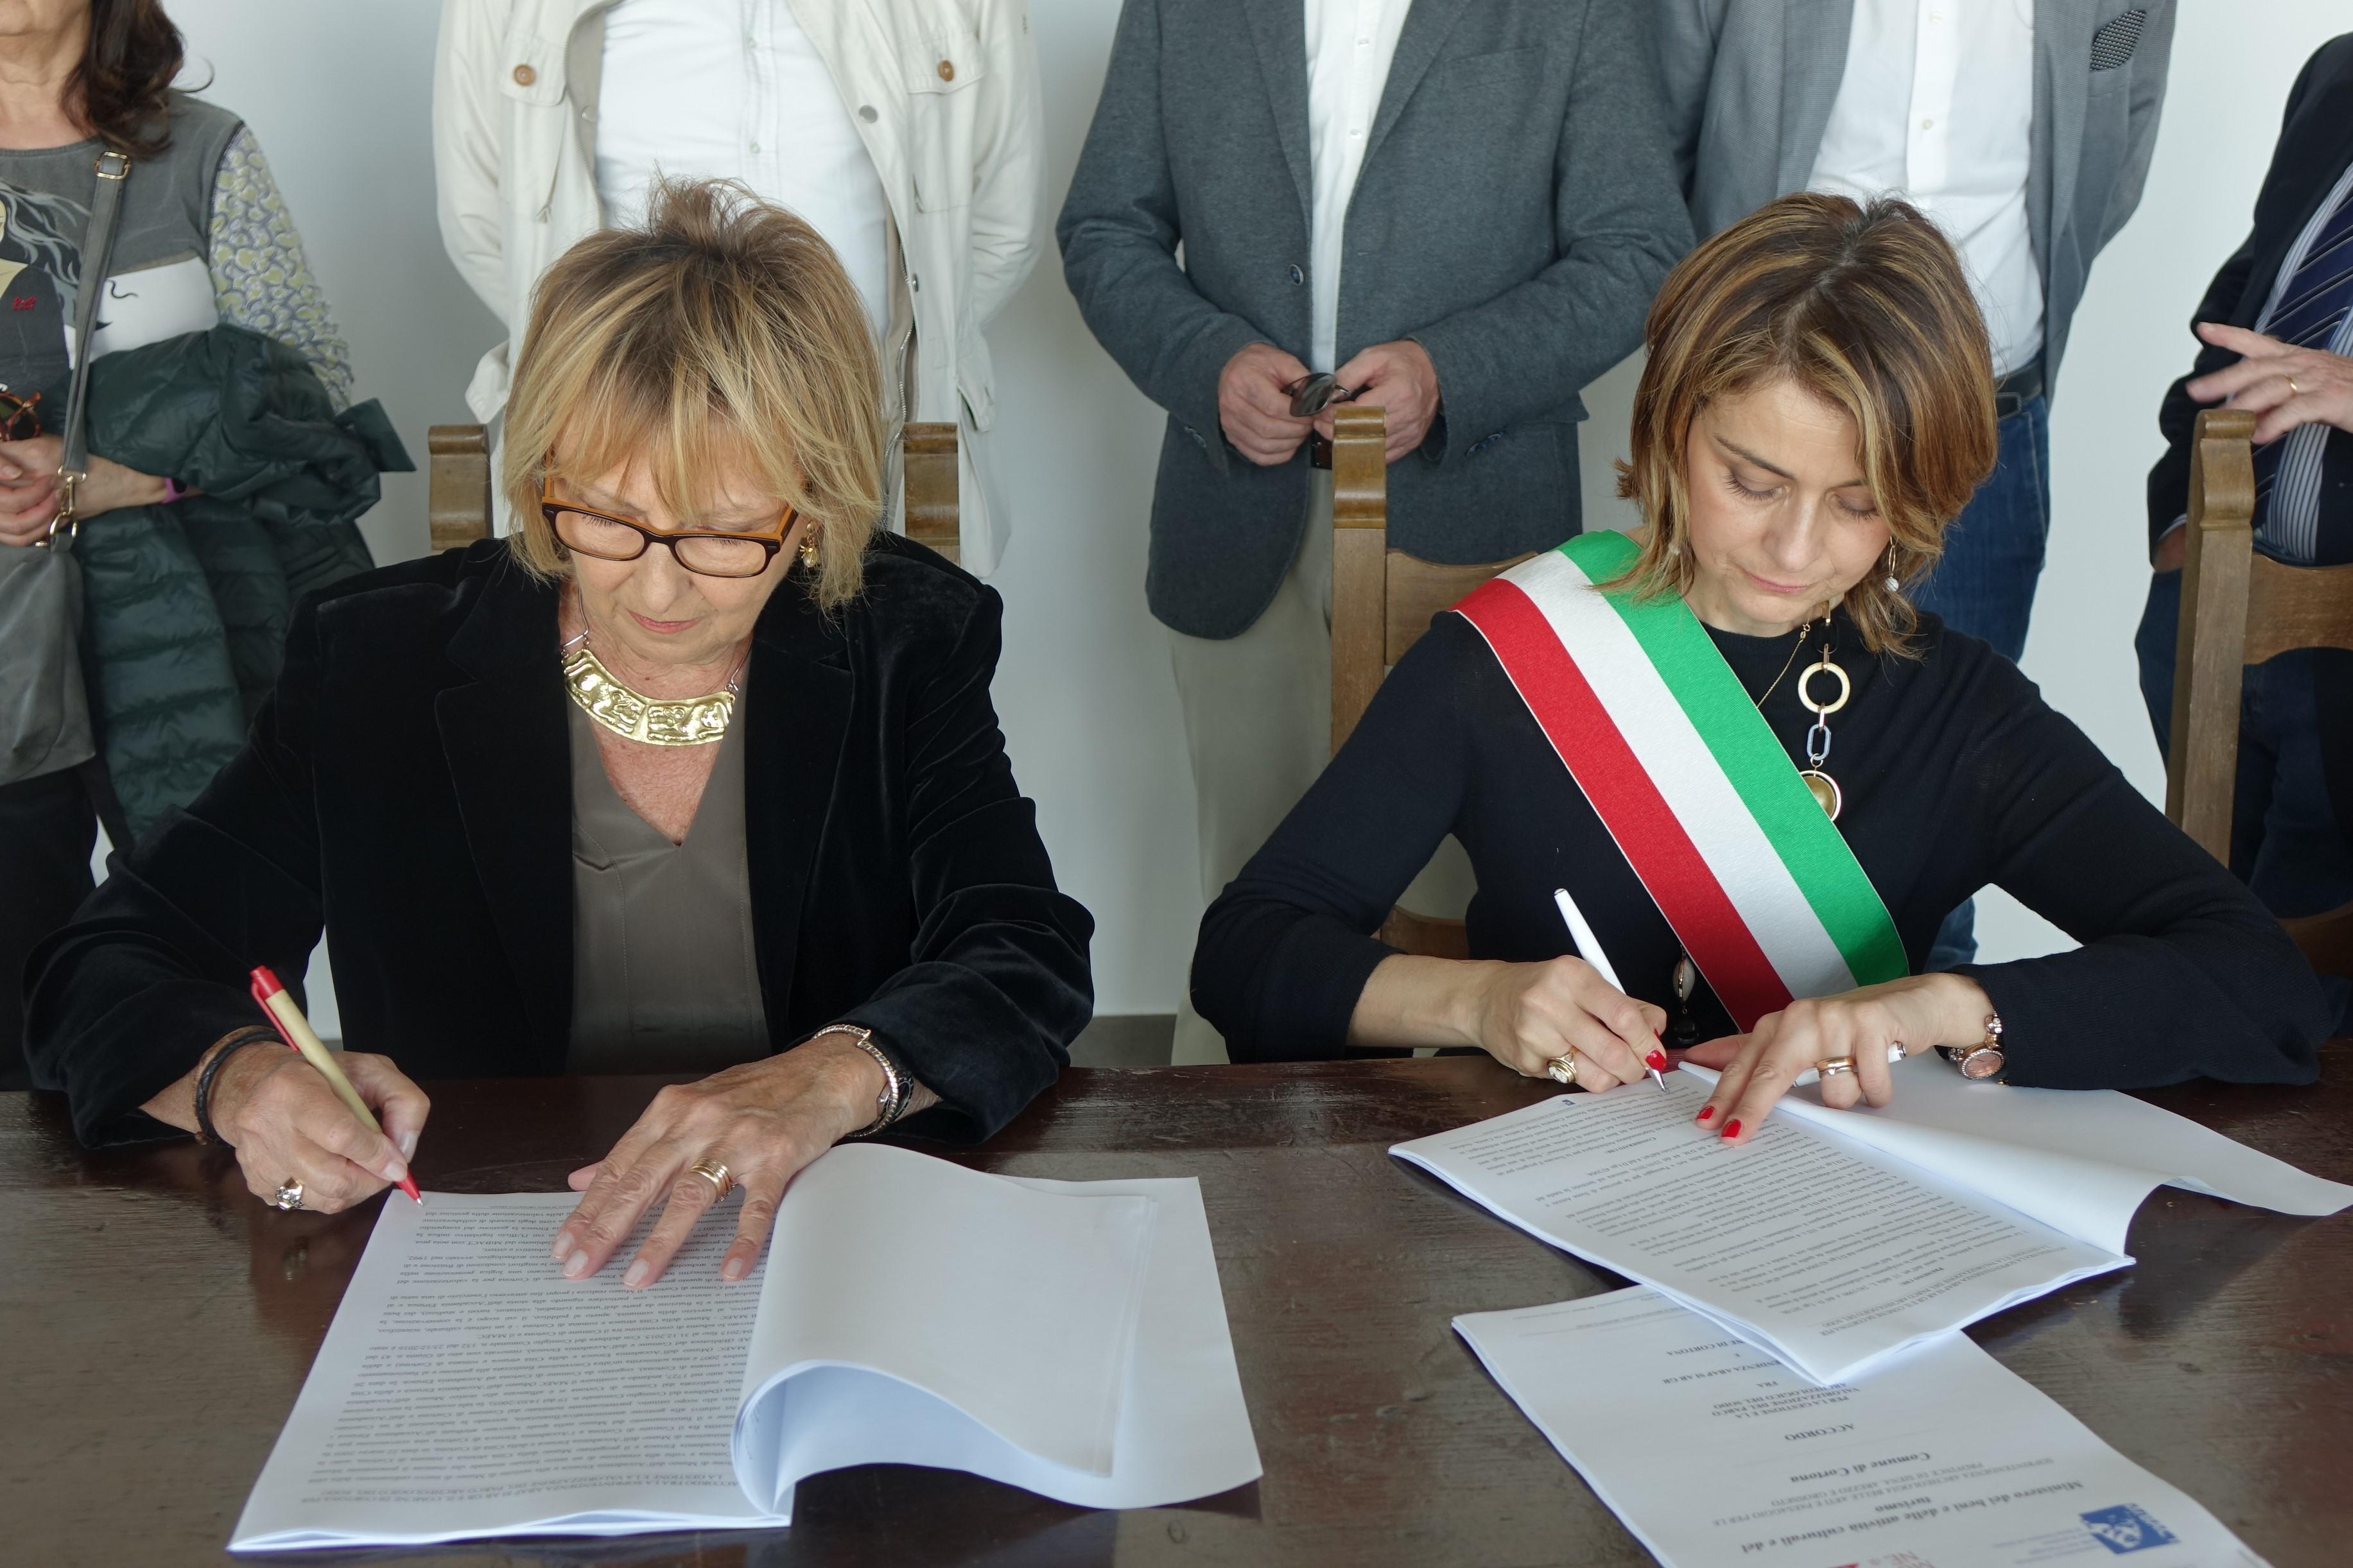 Firmato l'accordo Comune - Soprintendenza per la gestione del Parco Archeologico del Sodo